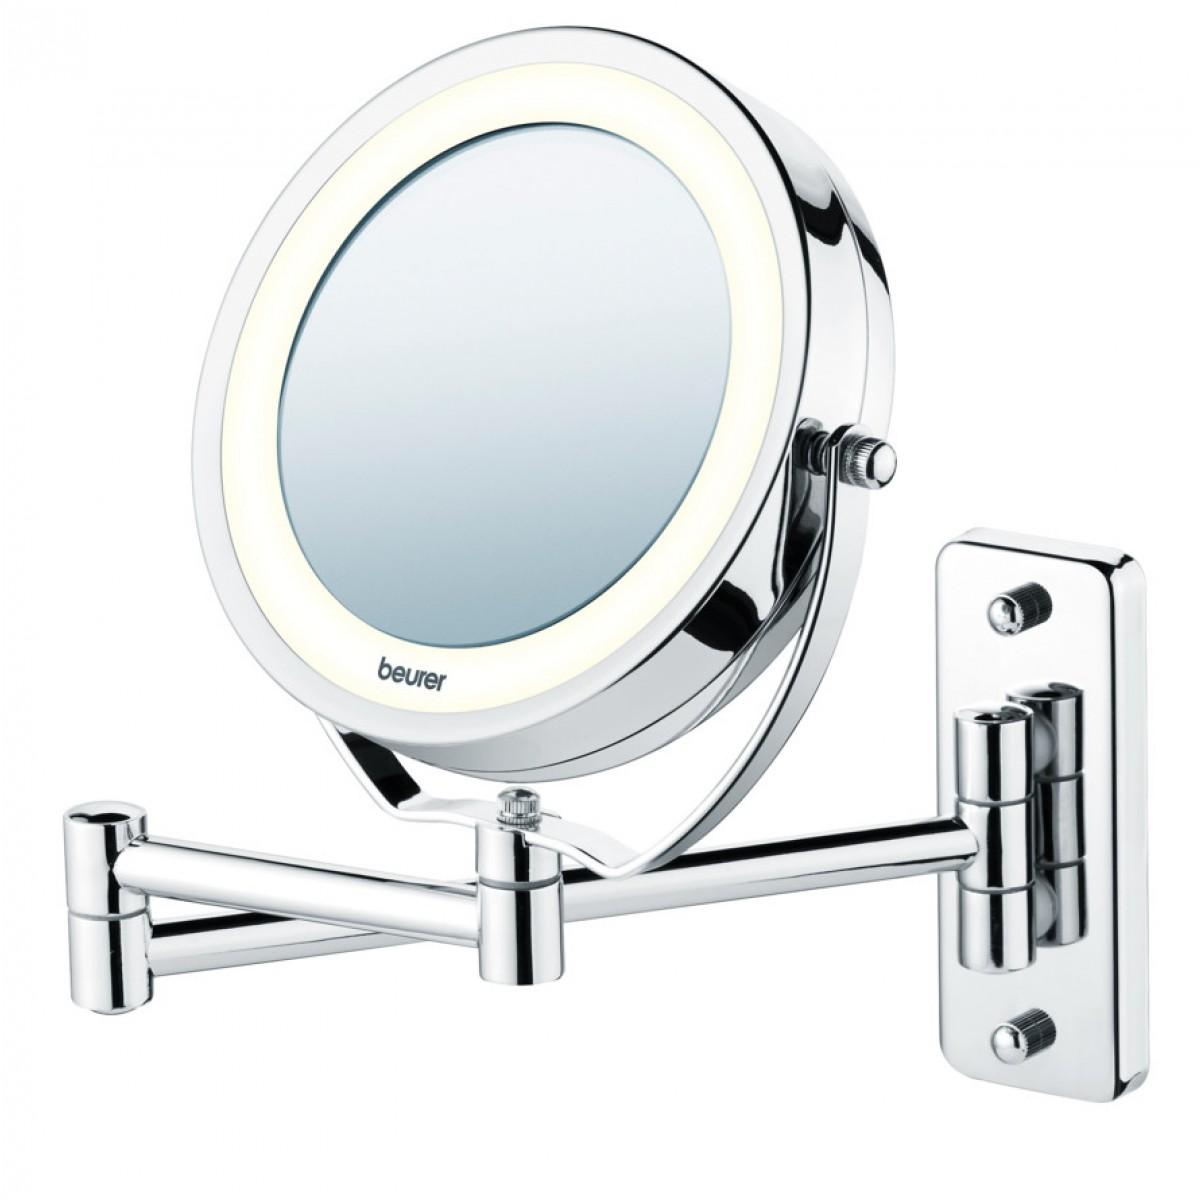 BEURER Make-Up spejl